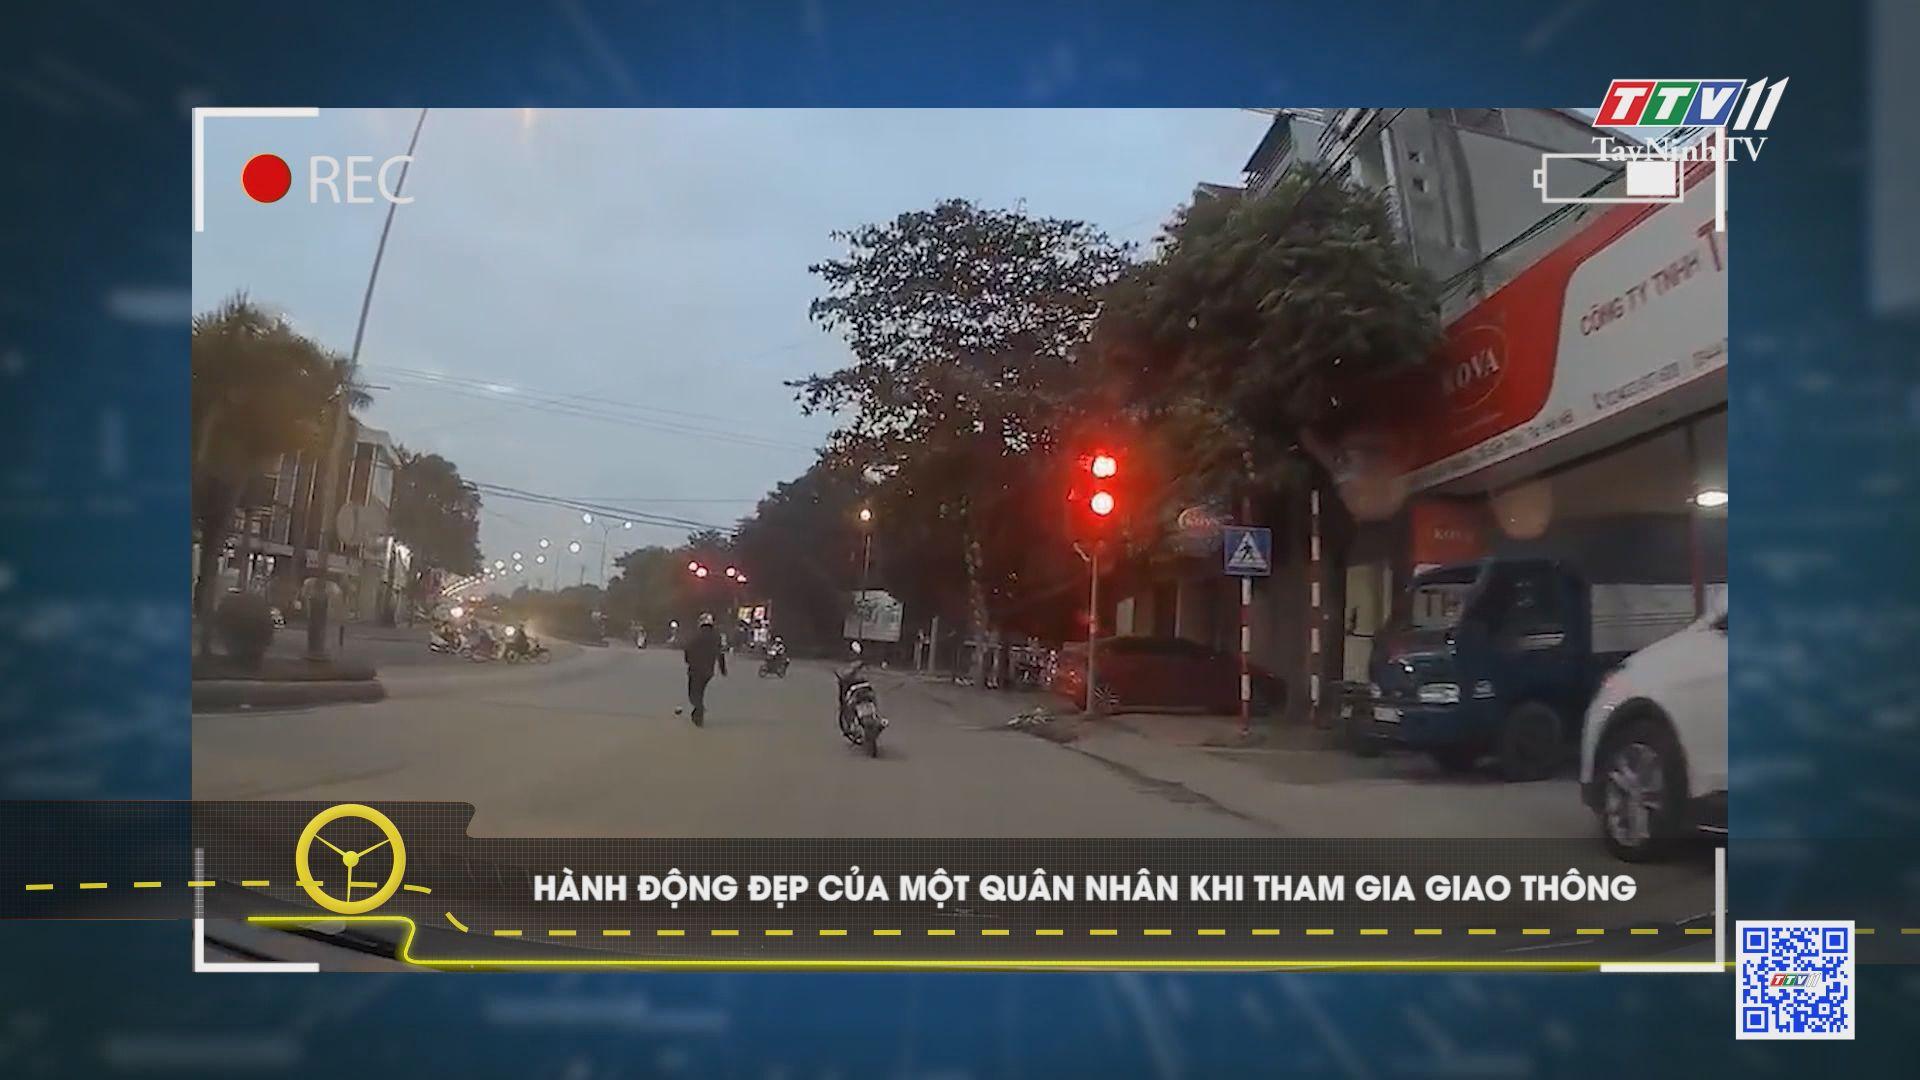 TayNinhTV | Văn hóa giao thông | Hành động đẹp của một quân nhân khi tham gia giao thông